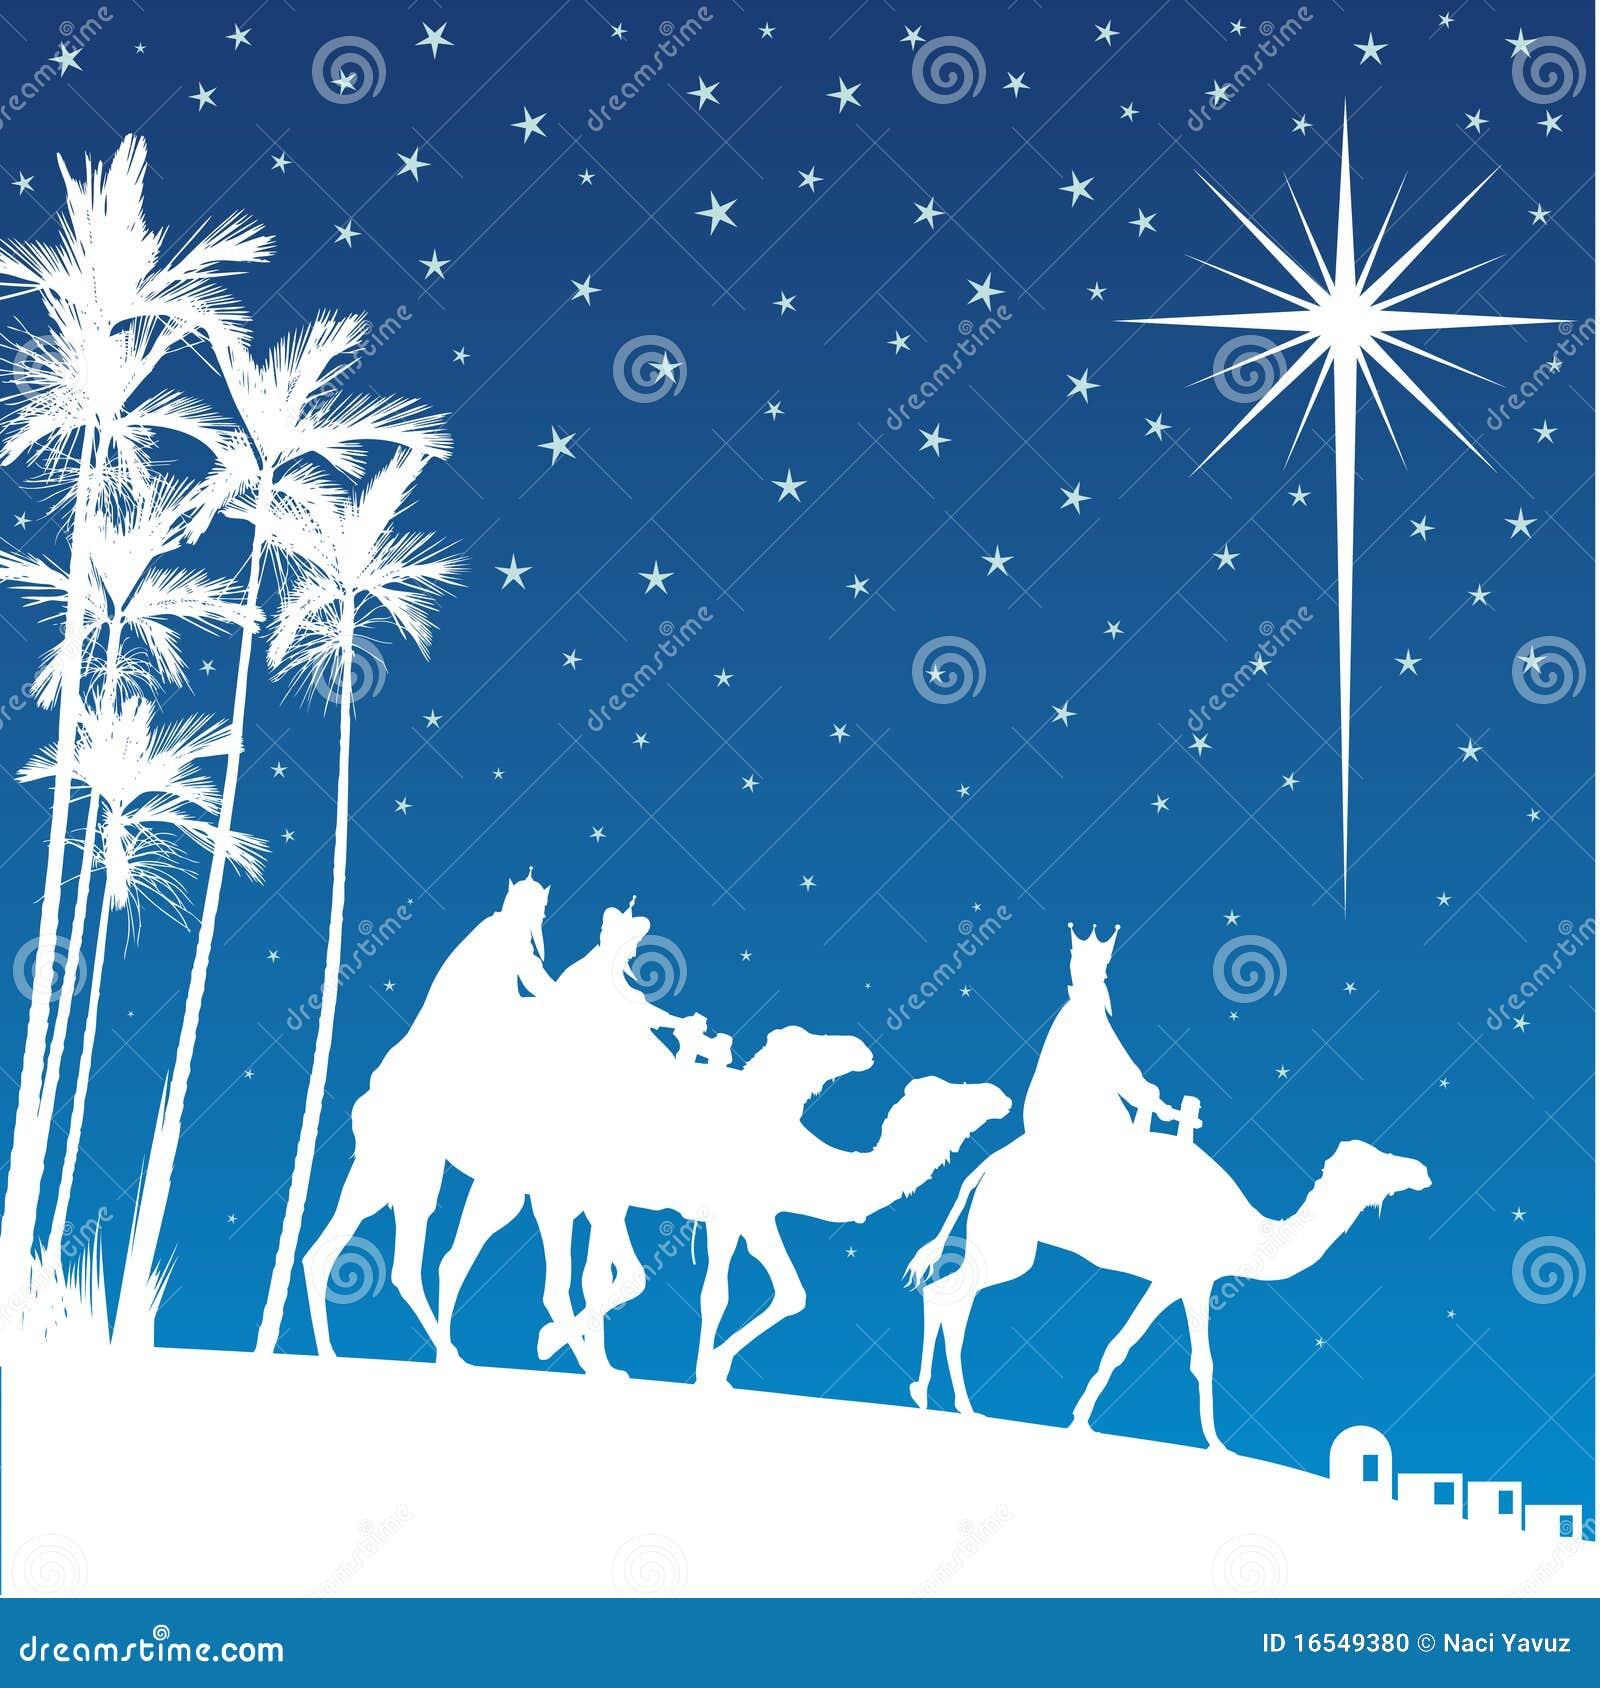 Shining Star Of Bethlehem. Stock Photo - Image: 16549380